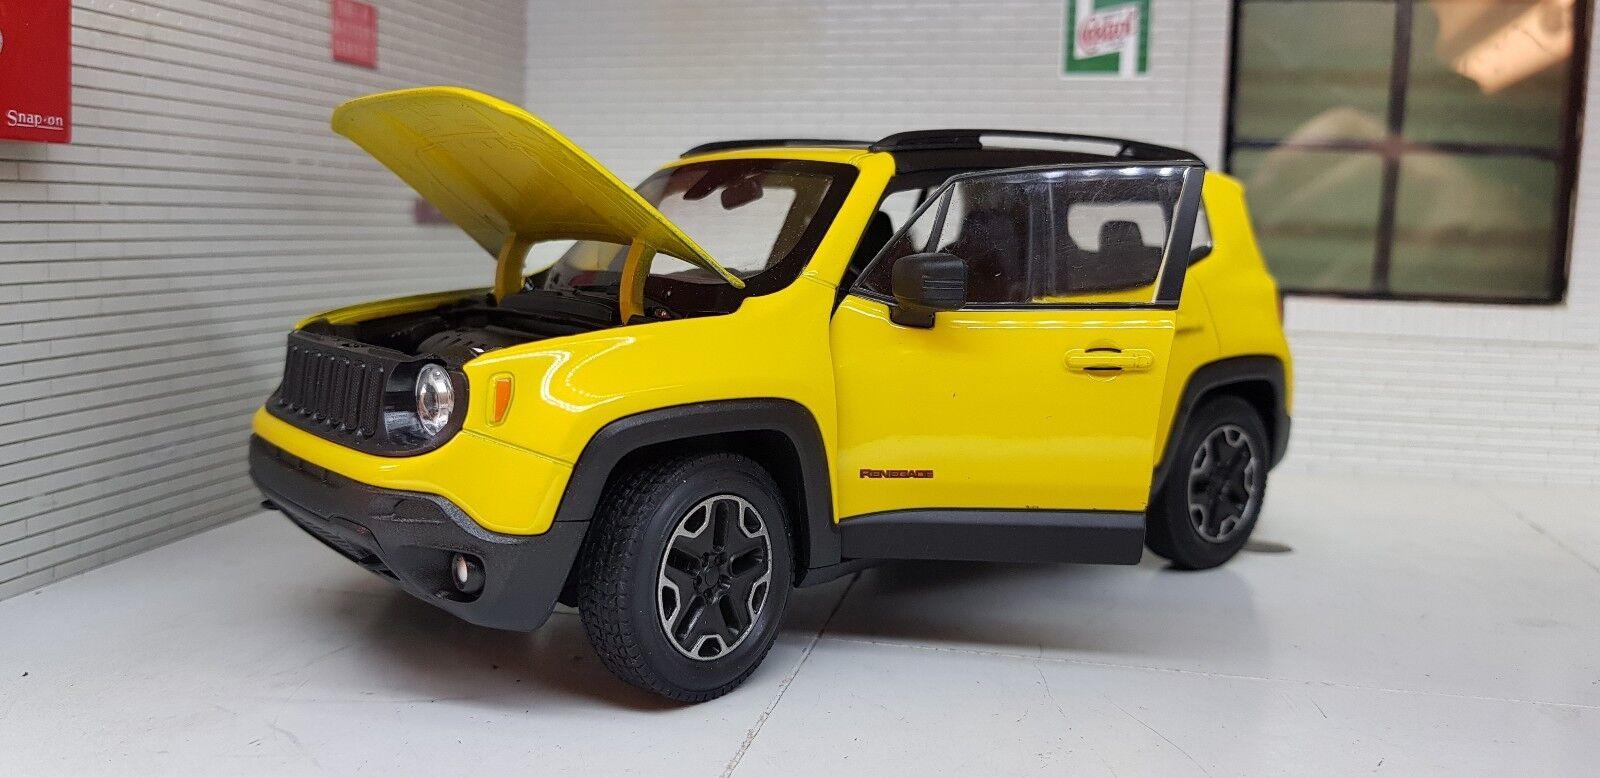 Jeep Renegade Tjärnväghawk 2015 24 skala Detaljerad tärningskast Welly modellllerler gul